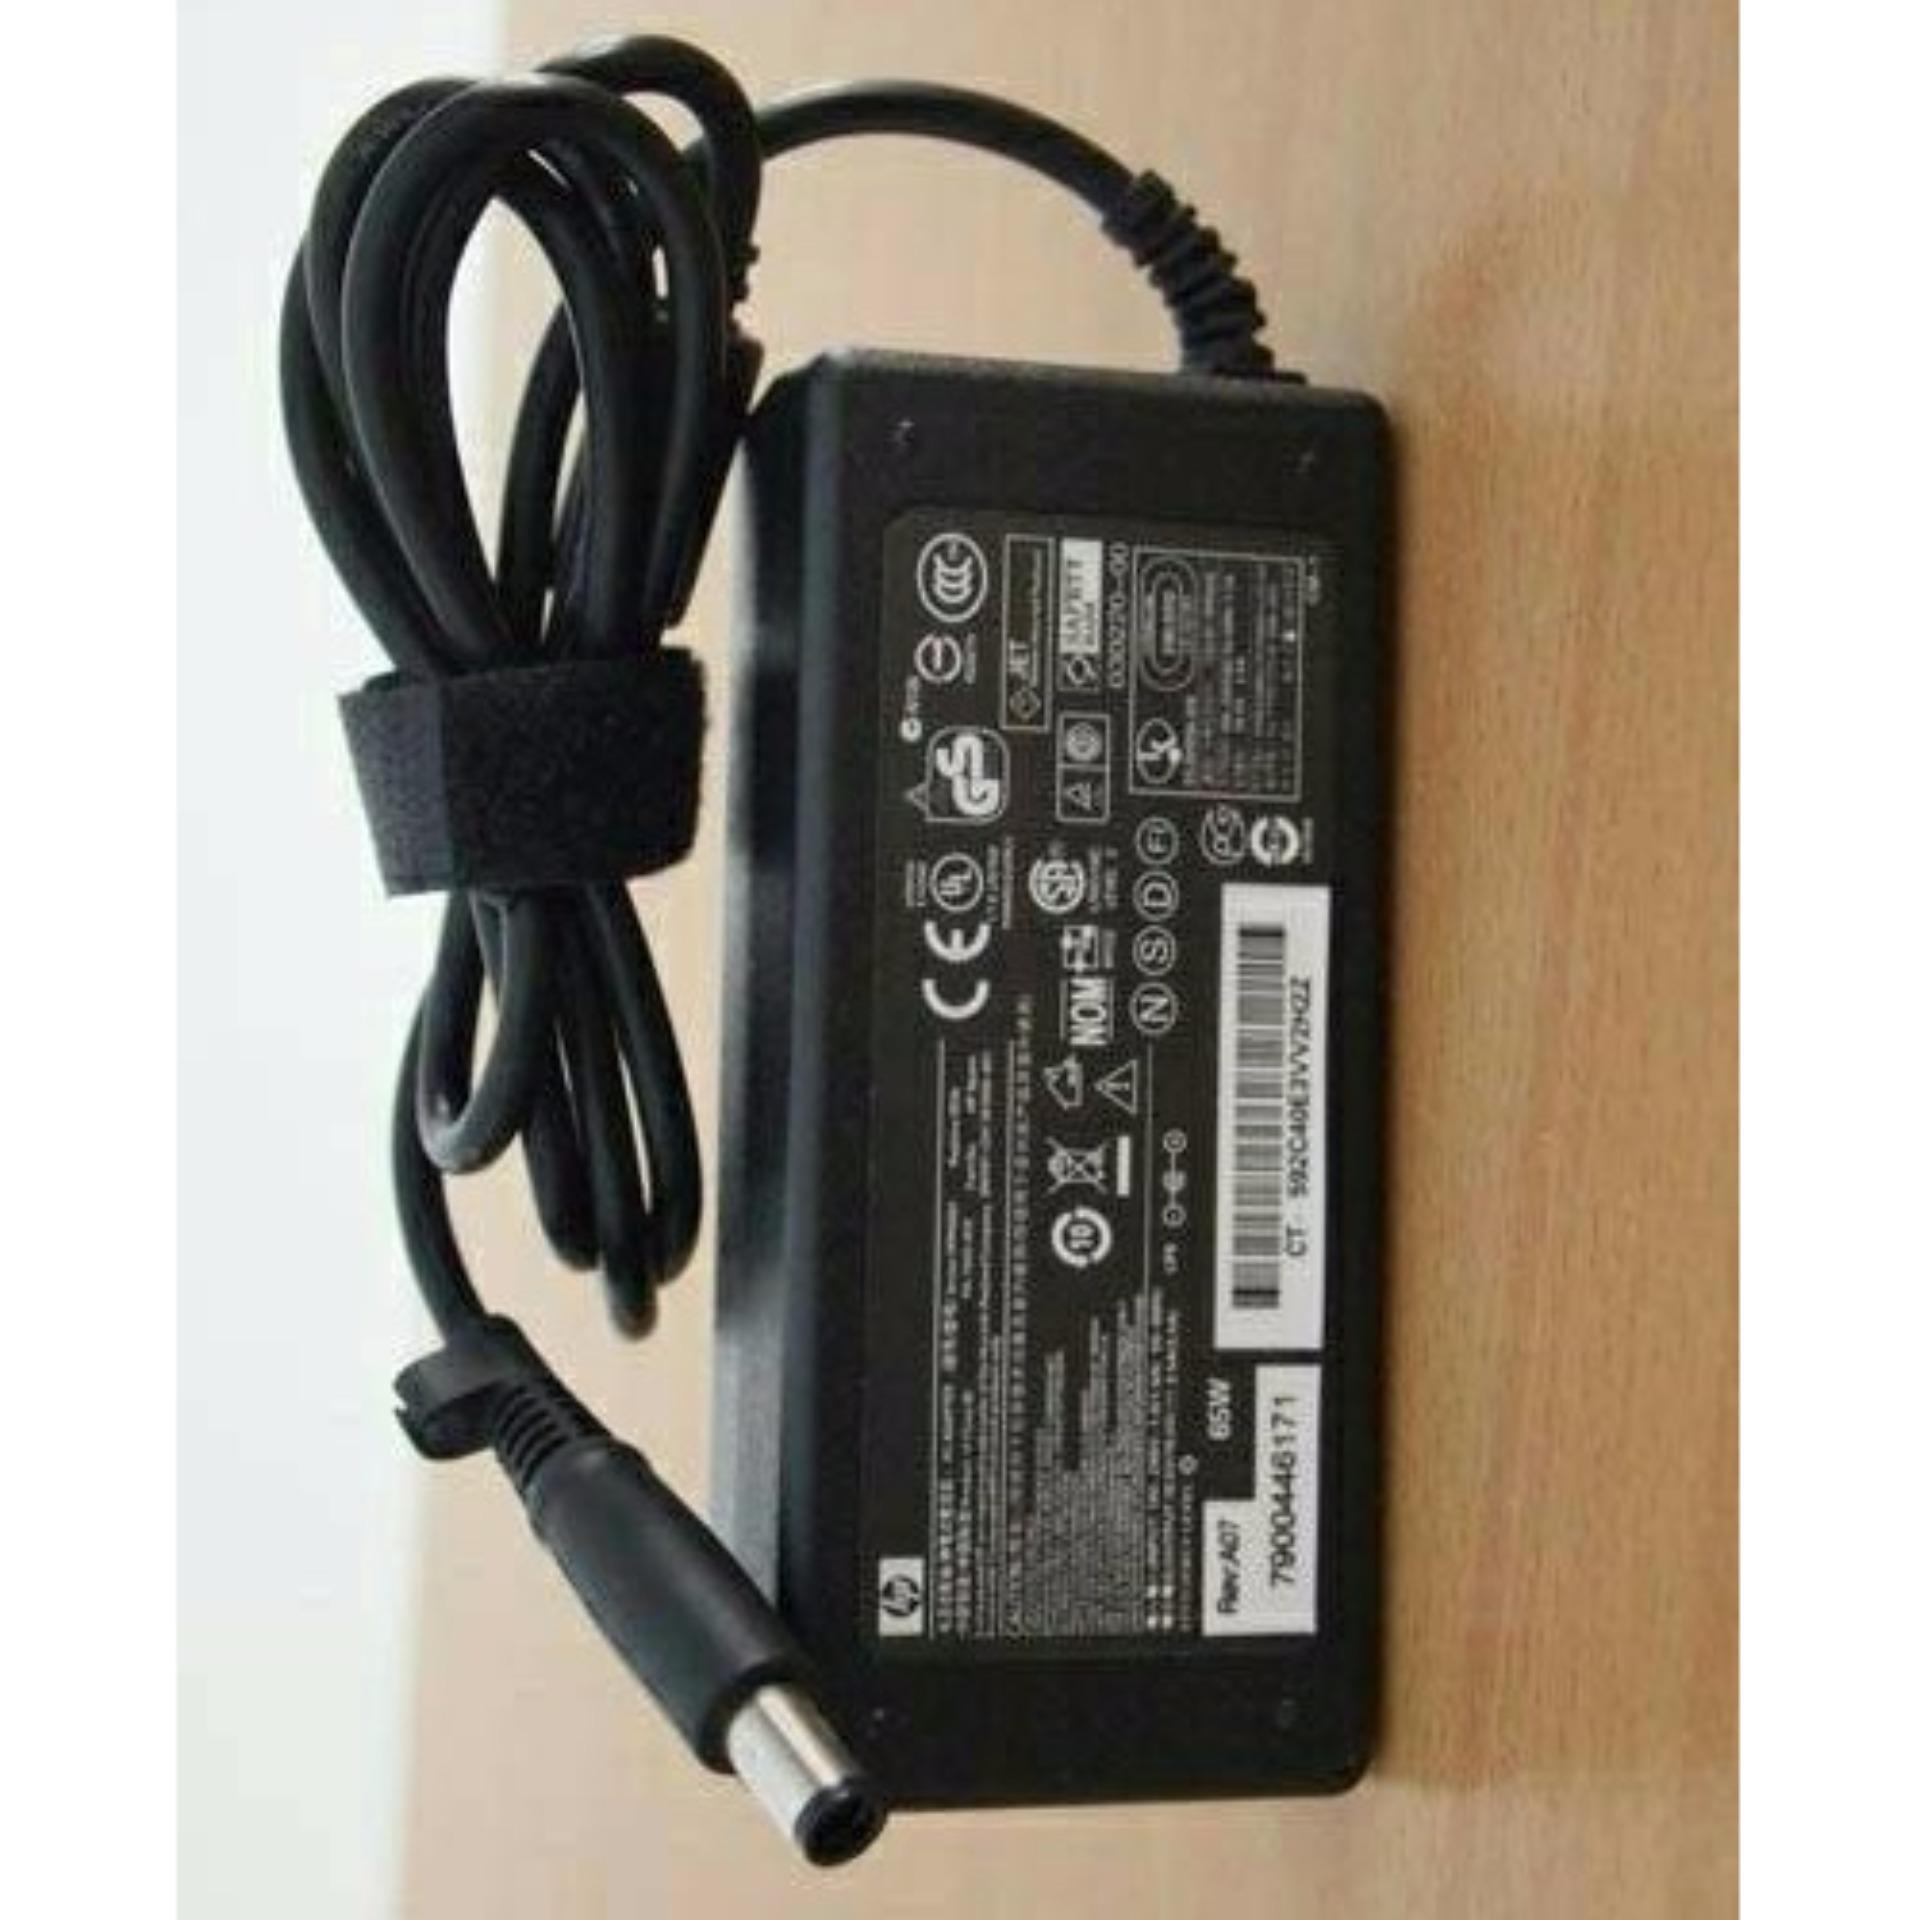 Hp Compaq Adaptor Charger Ori 510 515 V3000 Cq510 Cq 18 5v 3 5a Keyboard Cq511 Cq610 Cq615 Series 6530s 6730s Laptop Cq42 Cq41 Cq420 430